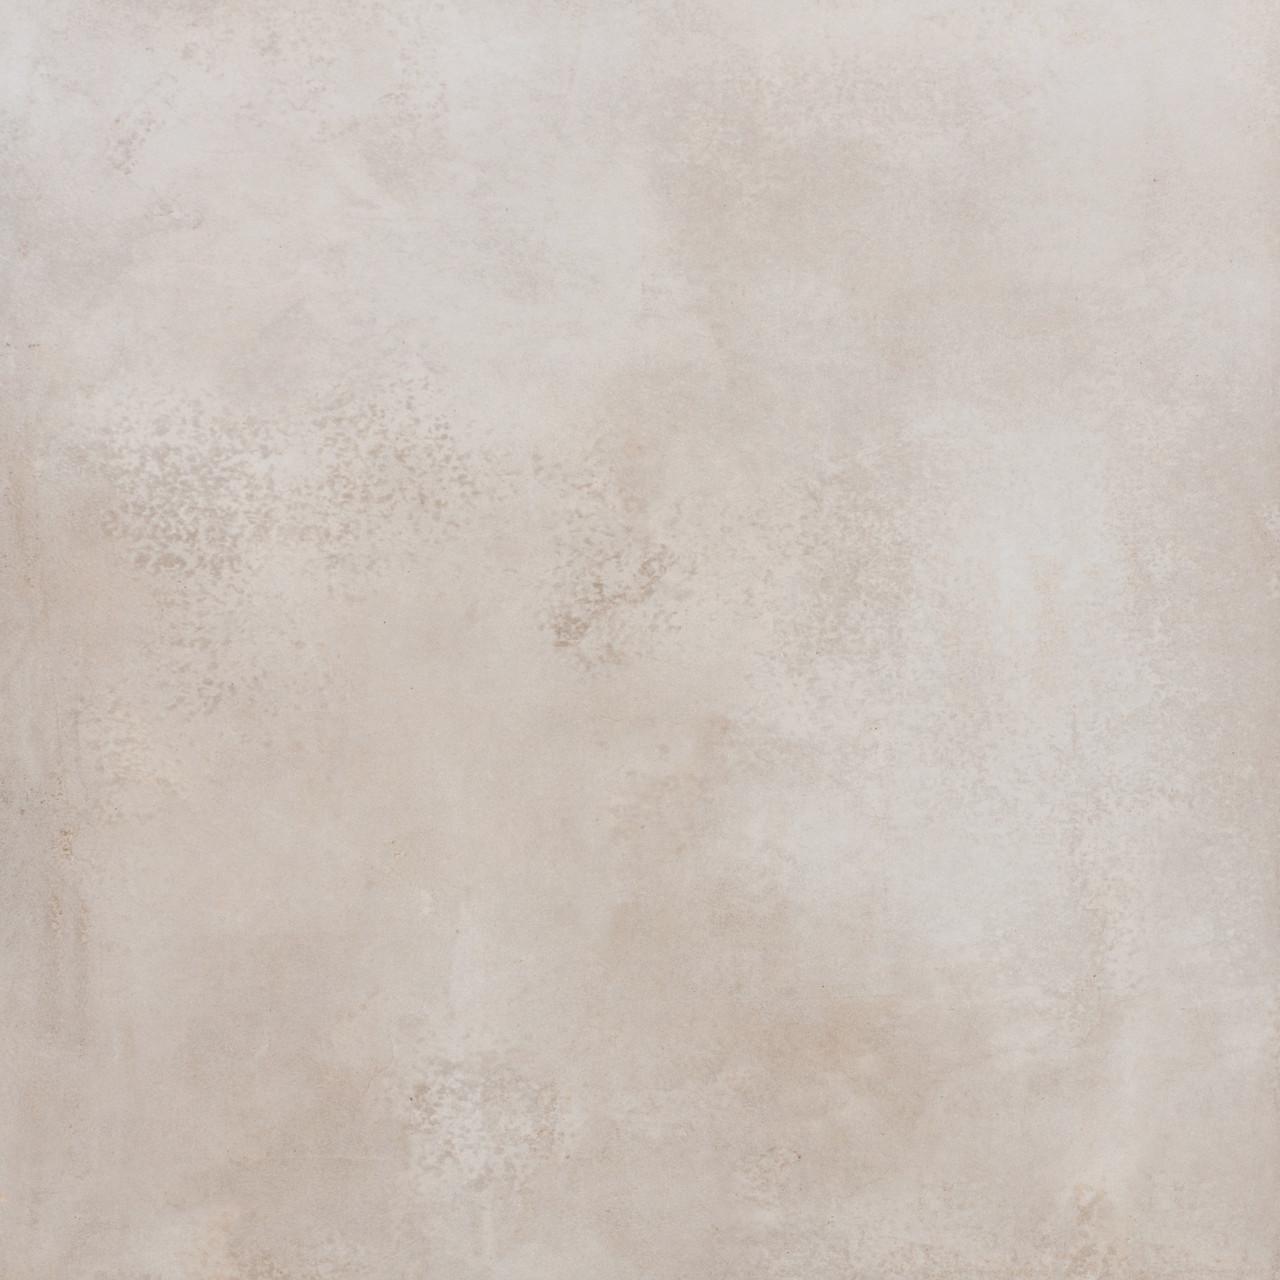 Плитка напольная Cerrad Limeria desert матовый 597x597x8,5мм (7827), Польша